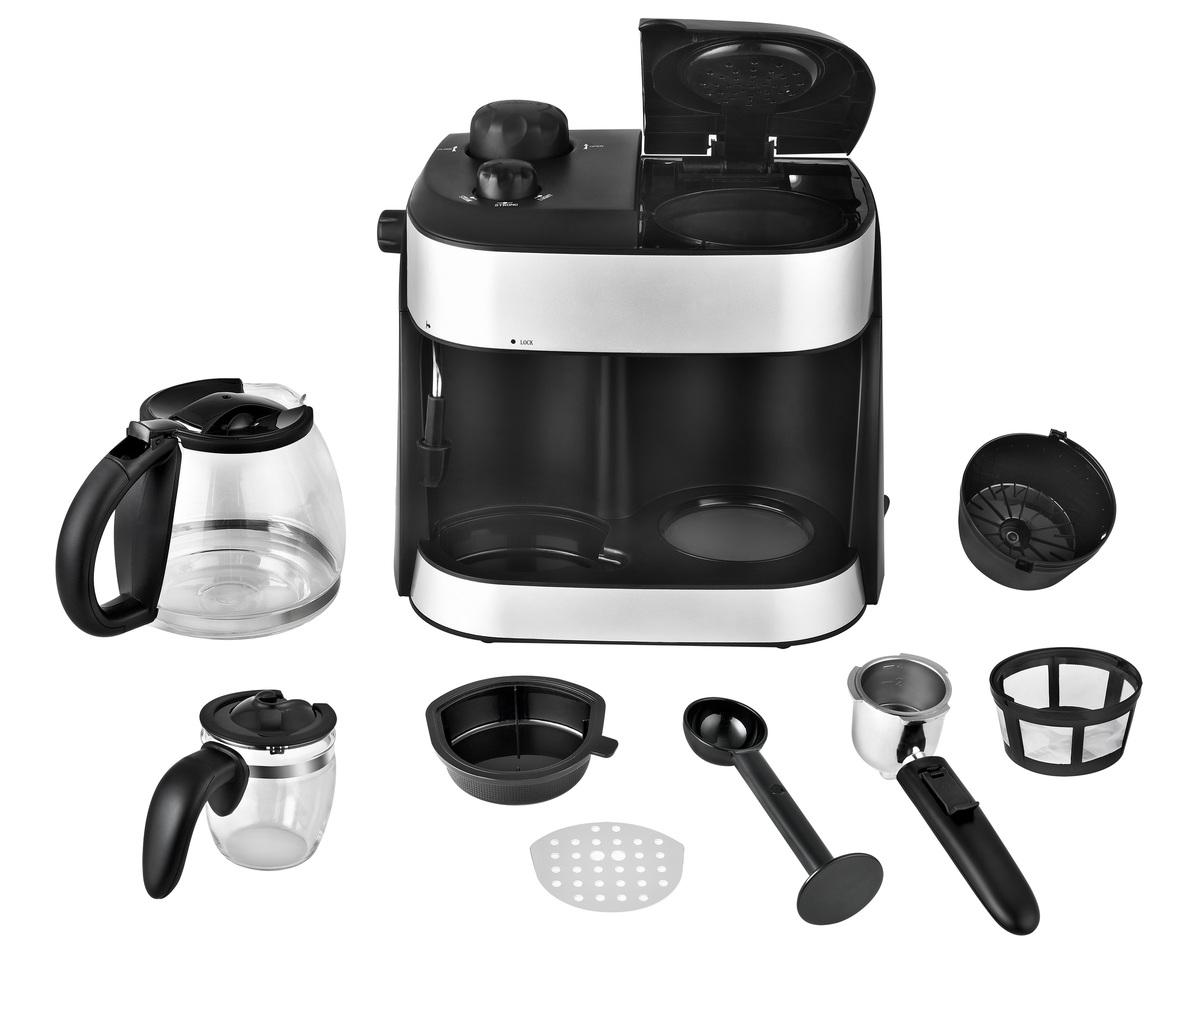 Bild 4 von Kalorik 2 in 1 Espresso- und Kaffeekombiautomat TKG EXP 1001 C mit Kaffee- und Espressokanne